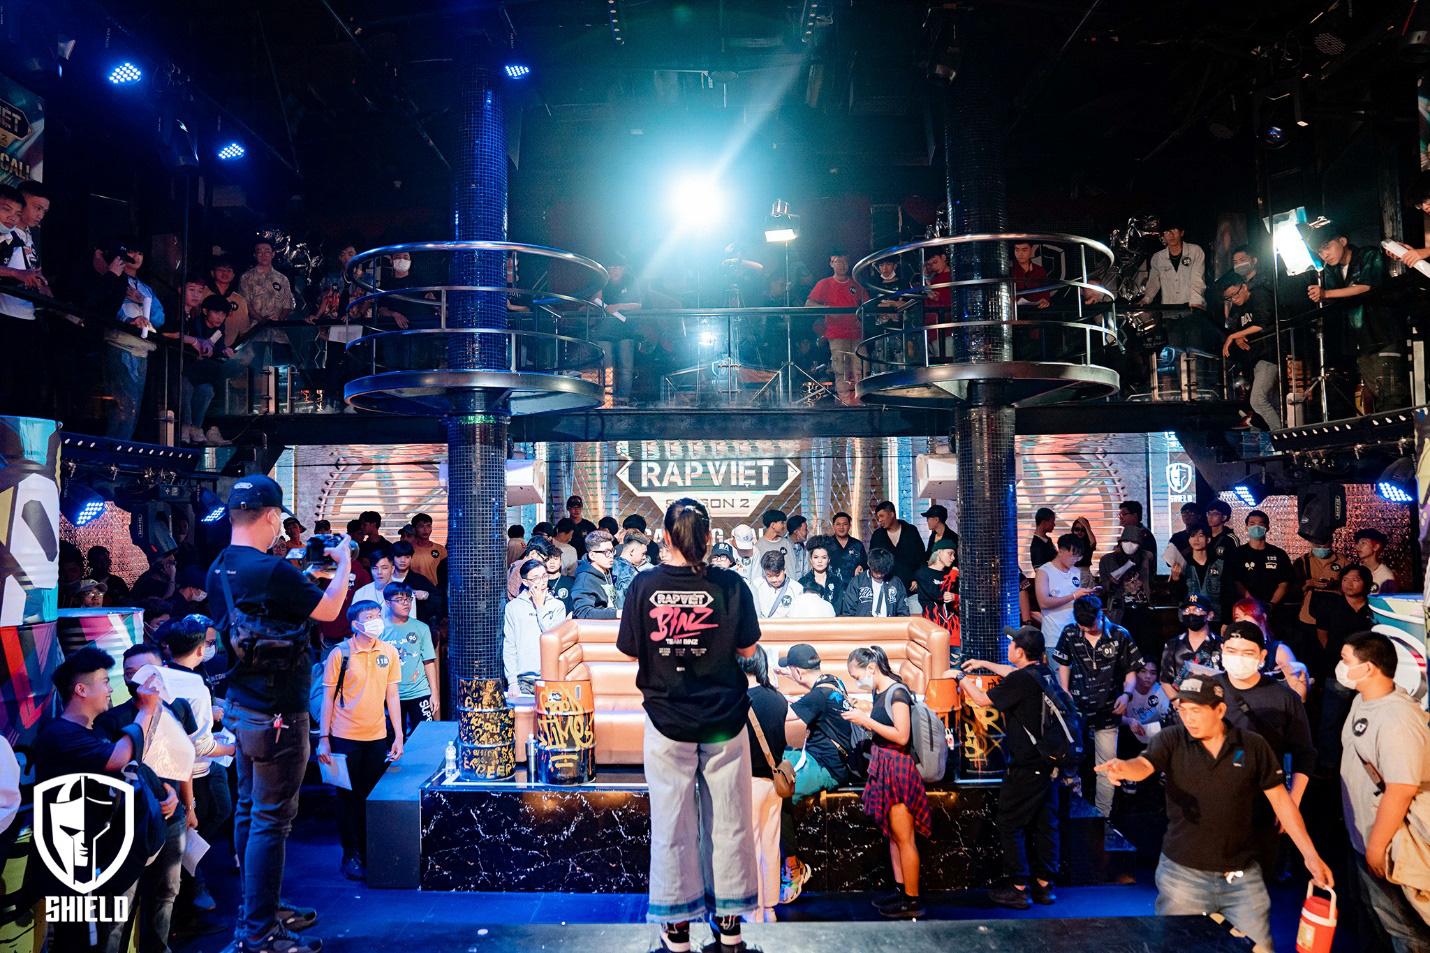 Fan xuýt xoa khi Rap Việt chịu chi, dựng sân khấu đầu tư tại Shield Saigon - Ảnh 4.